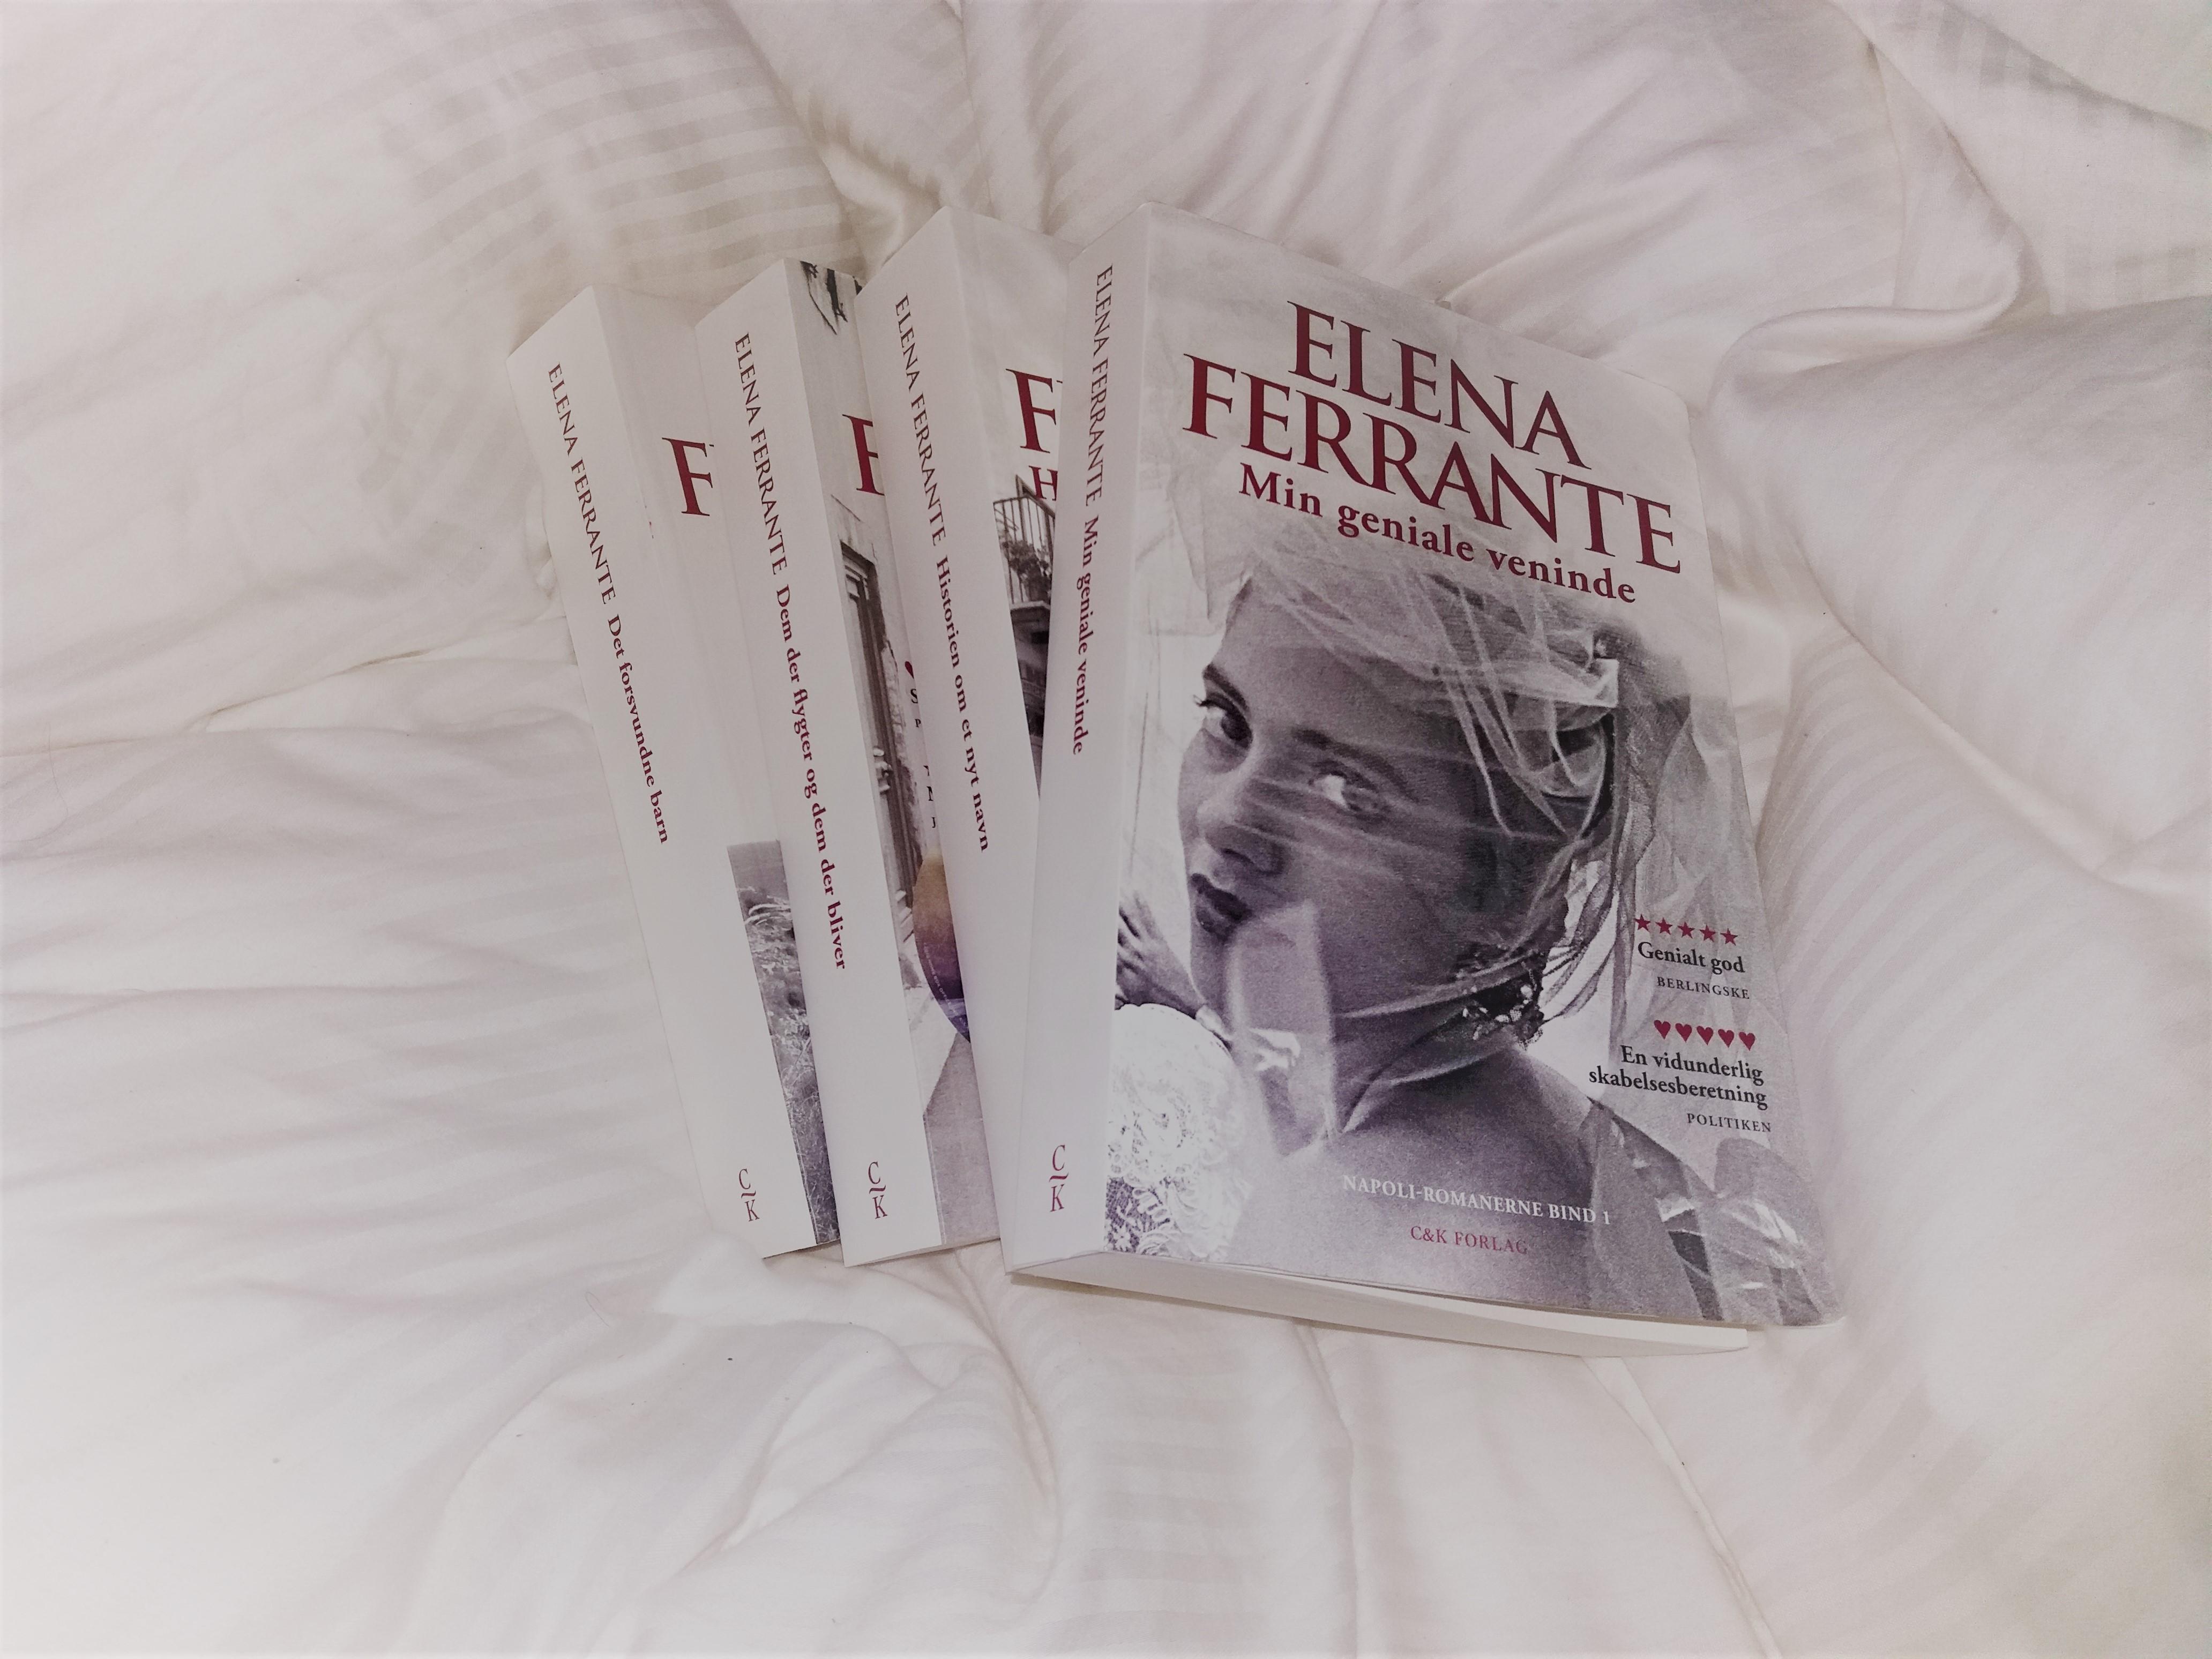 Elena Ferrante, C&K Forlag, Politikens Forlag, Napoli-romanerne, bog, bøger, books, dyne, candyfloss, egyptisk bomuld